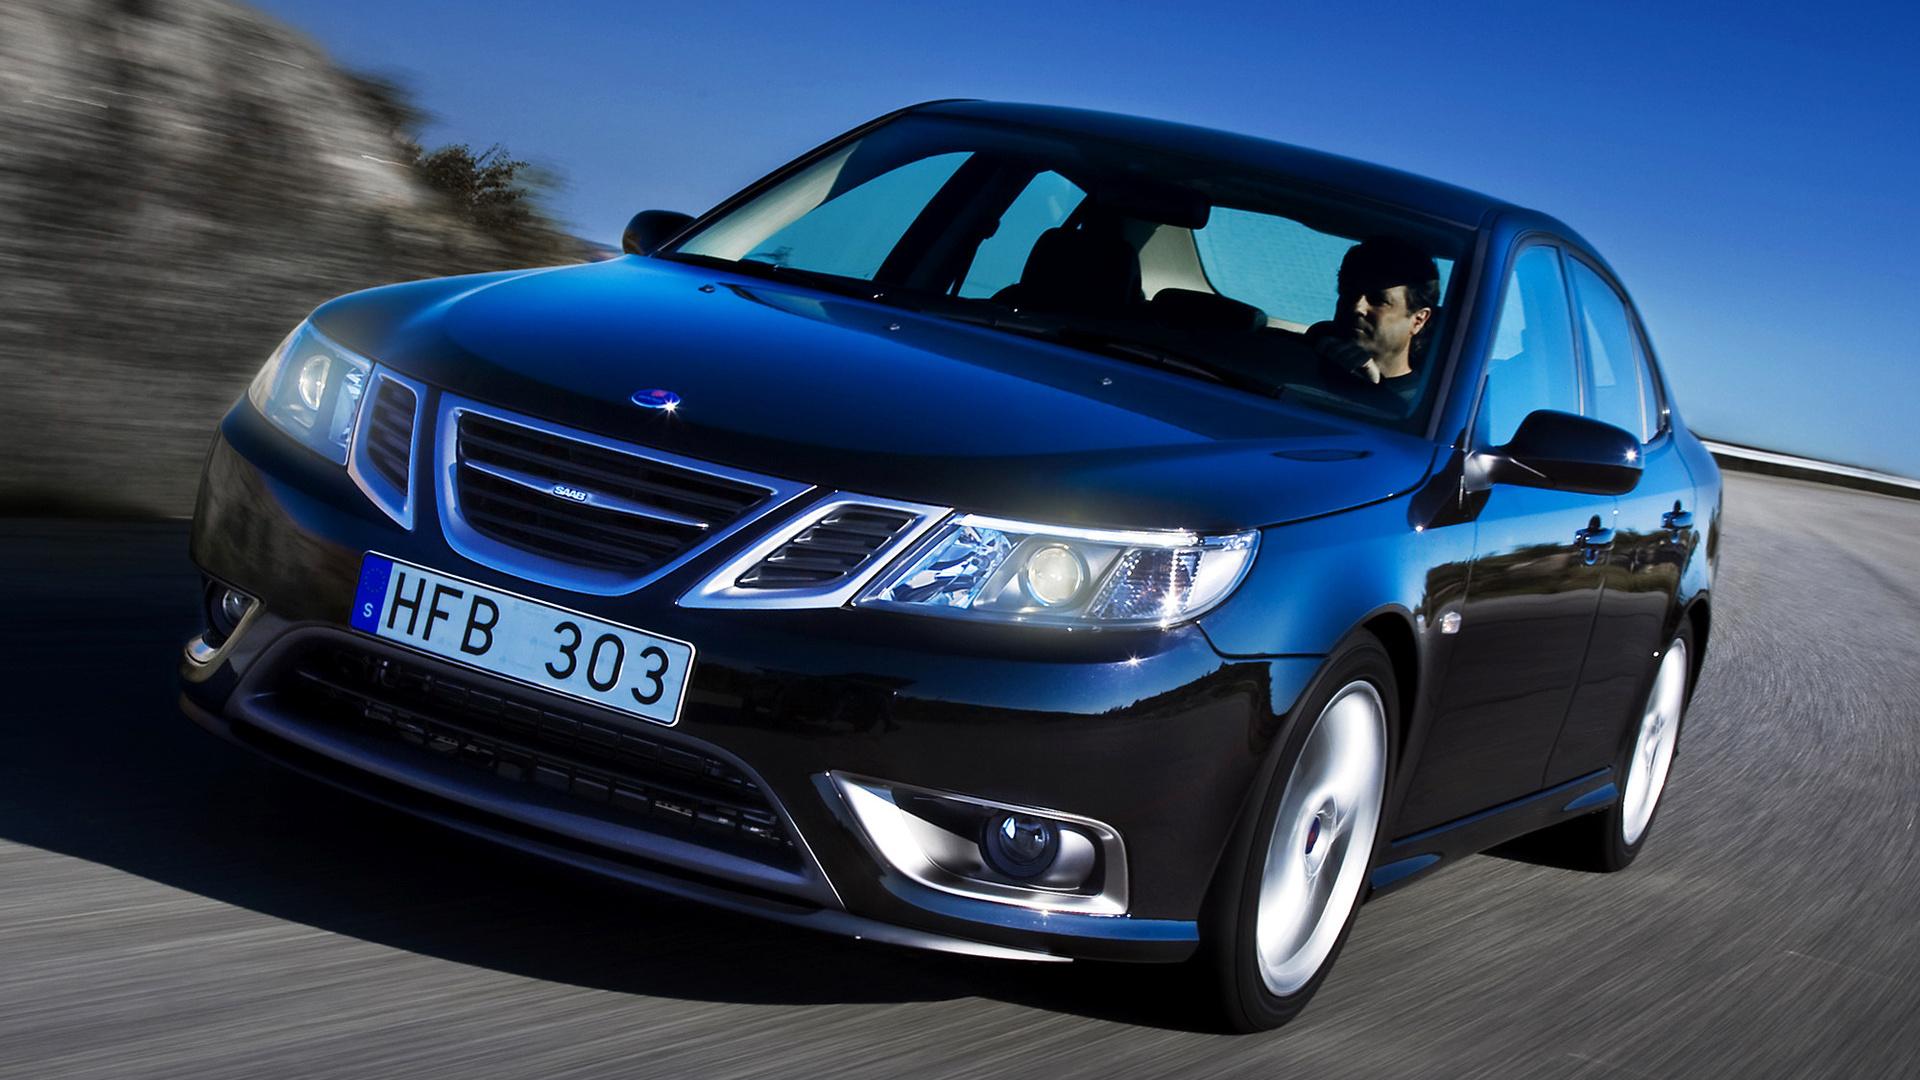 Mazda 3 Sport >> 2008 Saab 9-3 Turbo X Sport Sedan - Wallpapers and HD ...